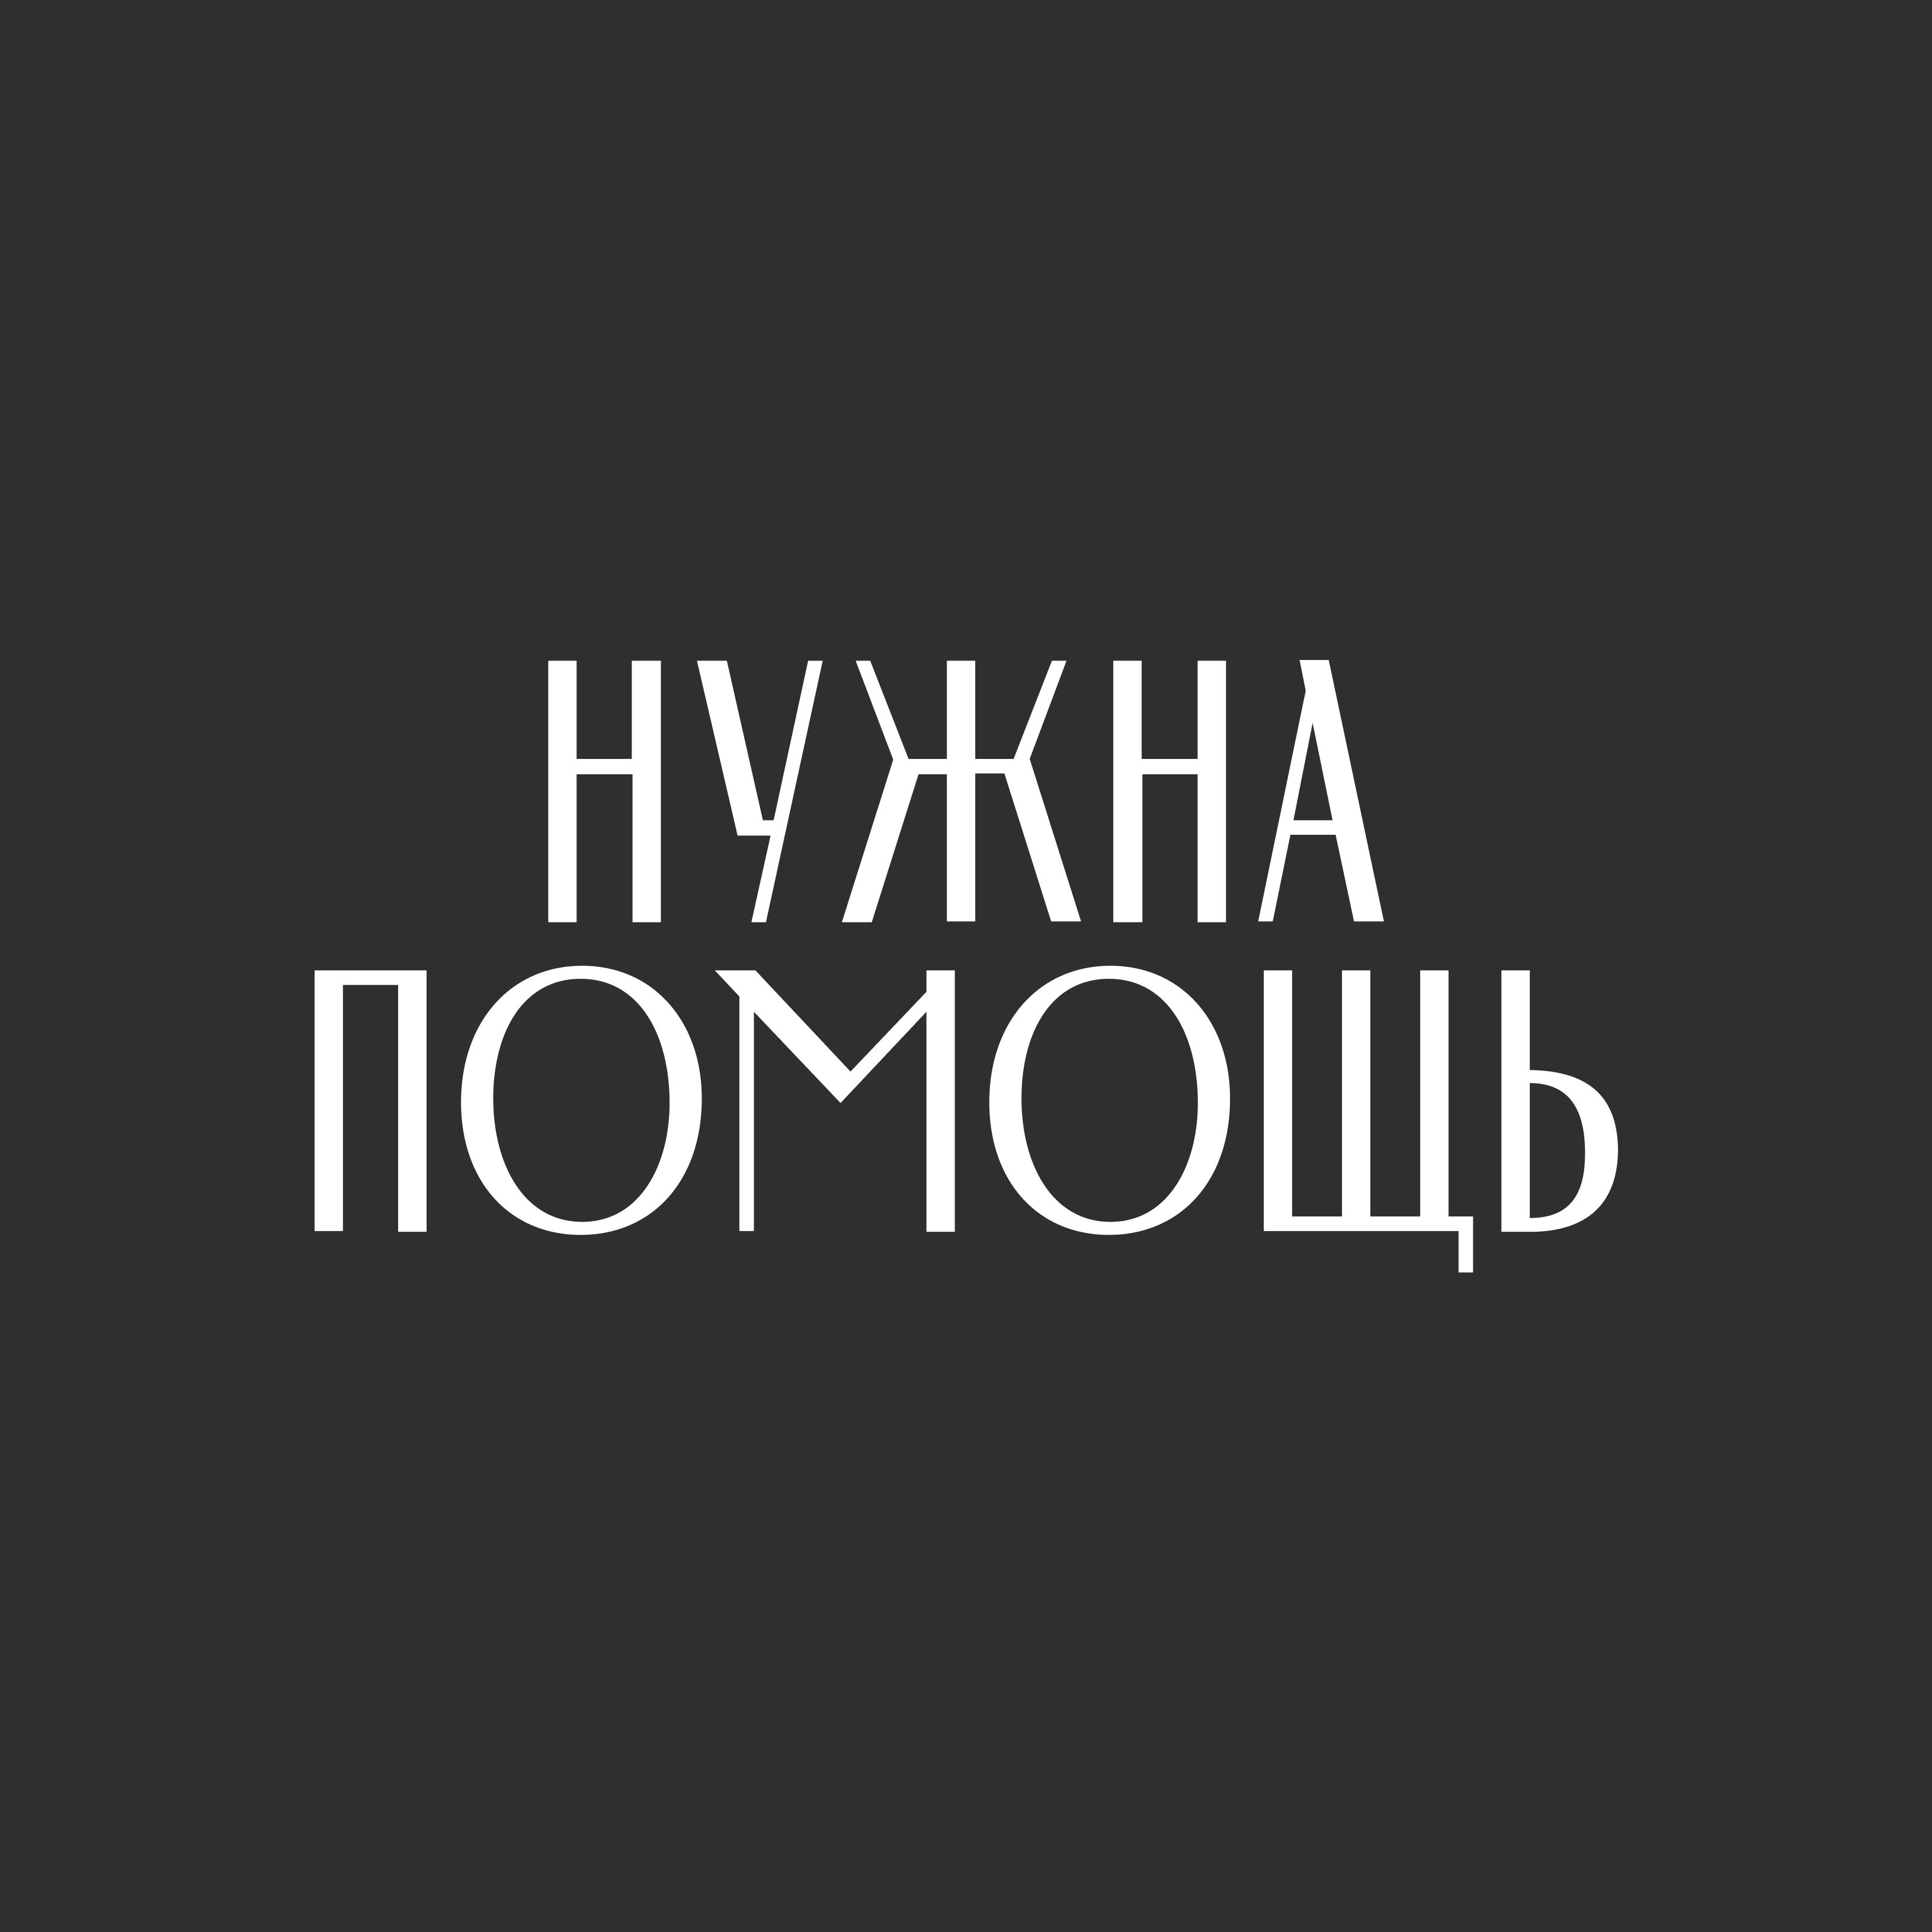 Логотип компании «Благотворительный фонд «Нужна помощь»»